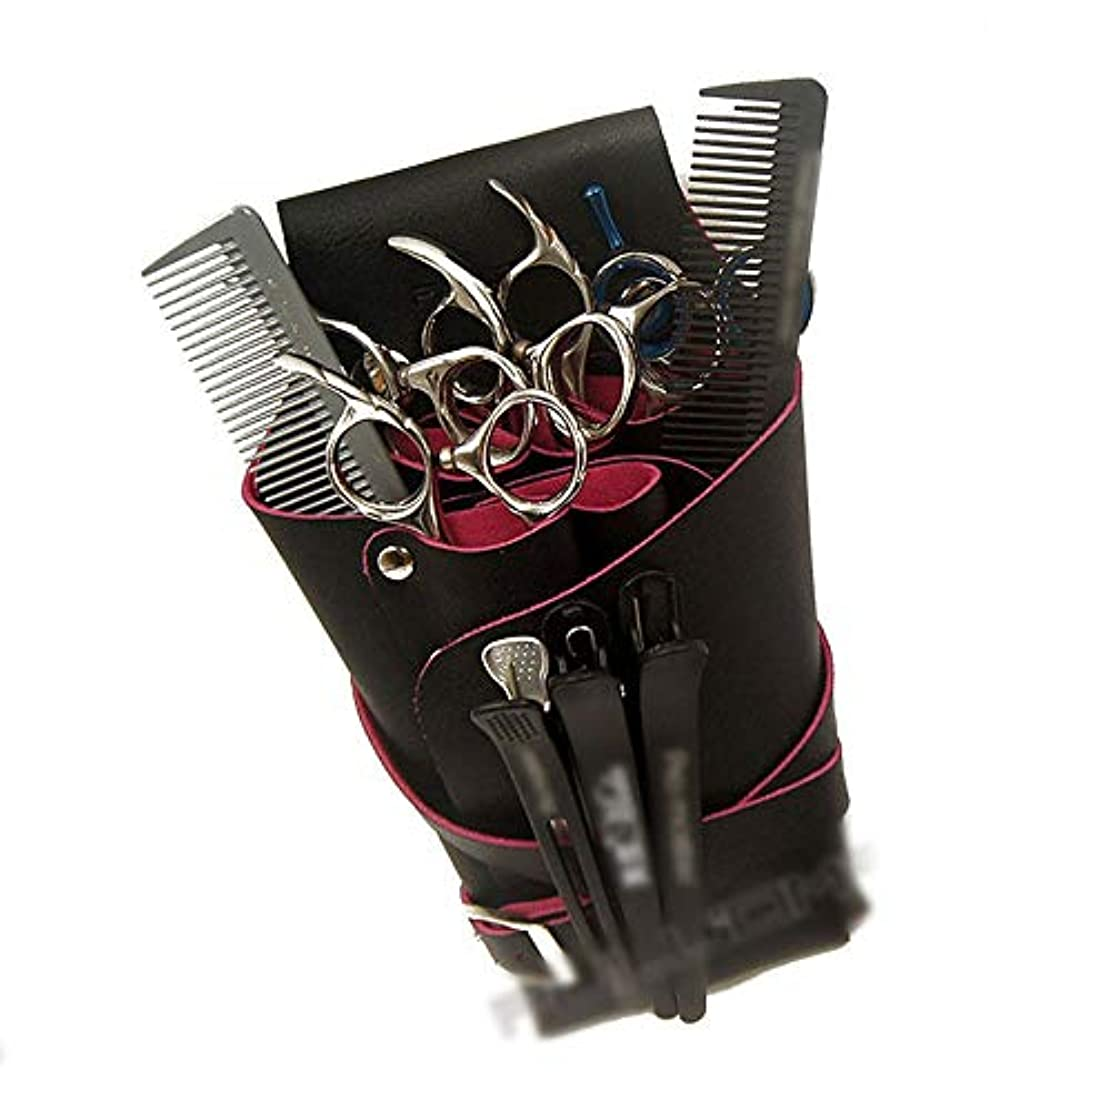 酸度頭摂動ショルダーベルト美容理髪ポーチ理髪くしでシザーホルスター モデリングツール (色 : 黒)